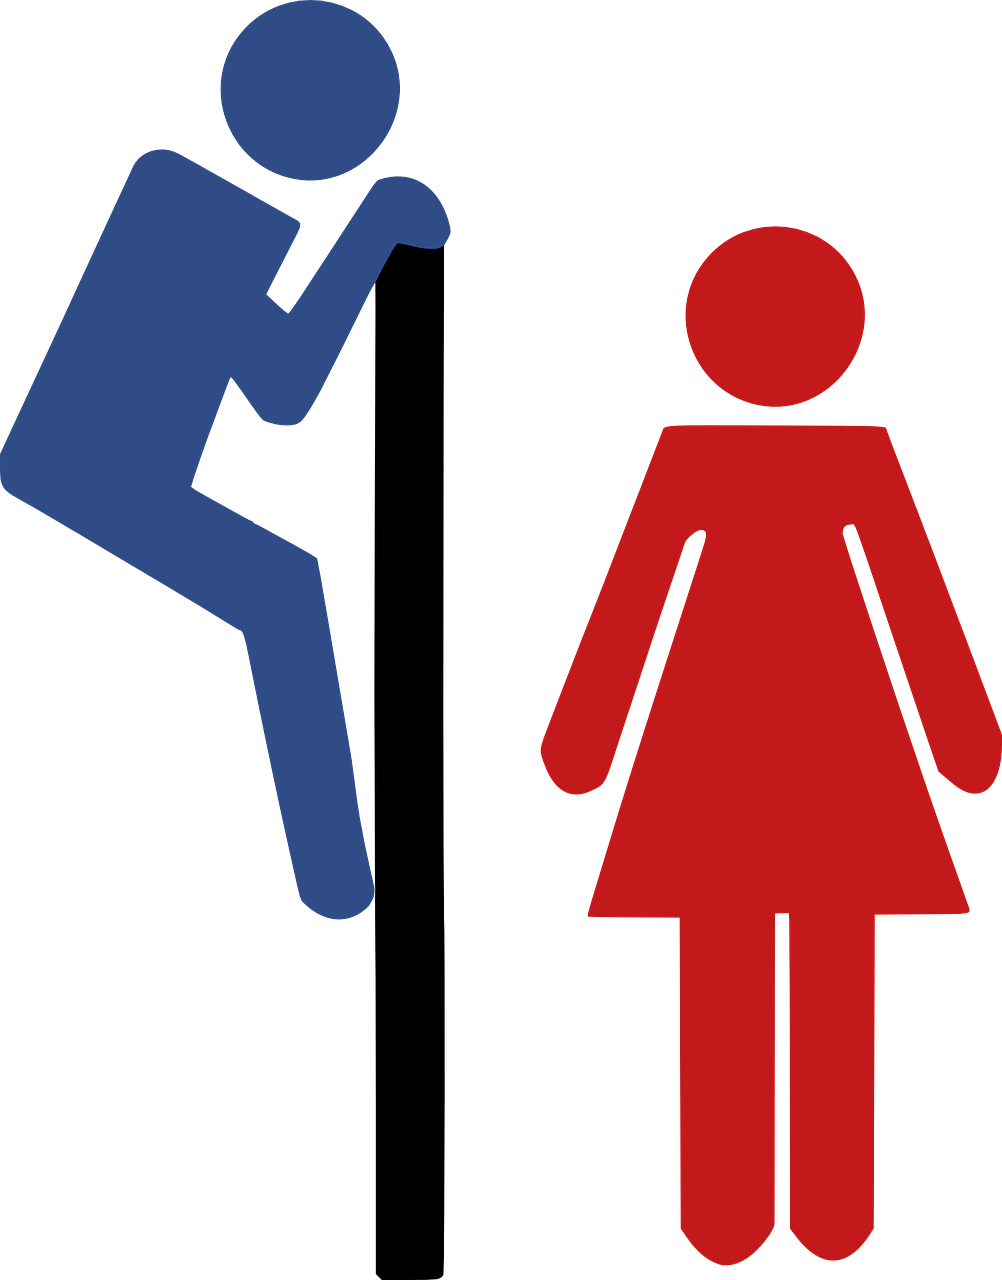 unisex-toilet-32058_1280